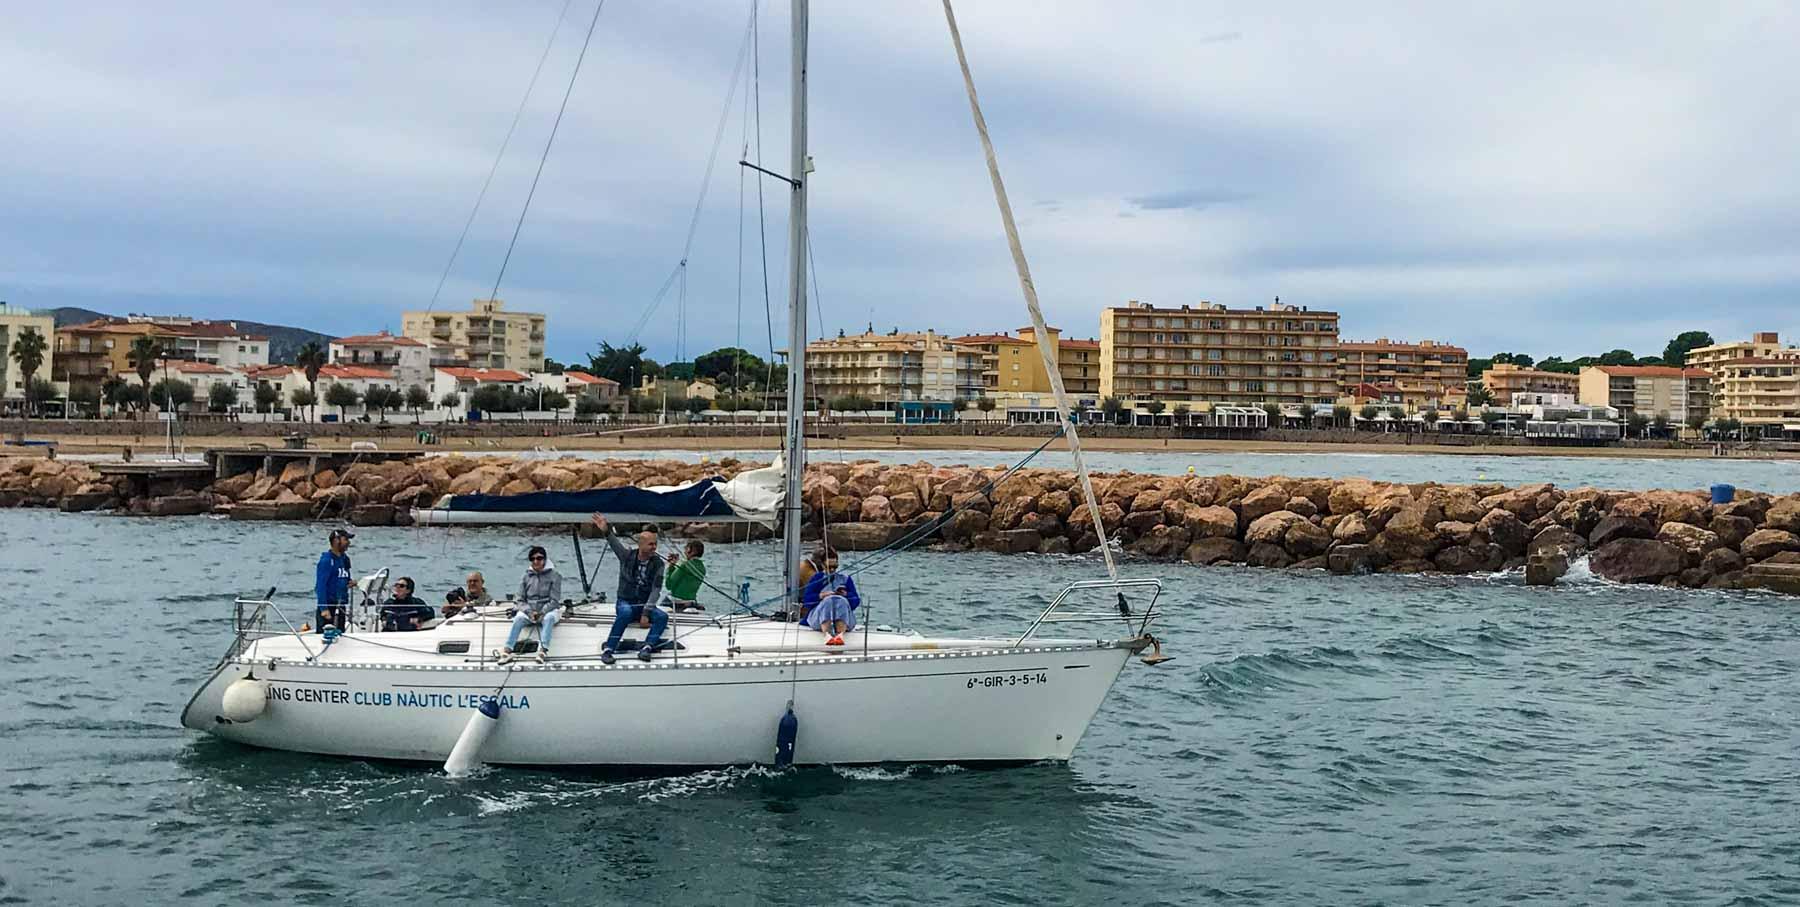 visites internacionals al club nautic lescala 2021